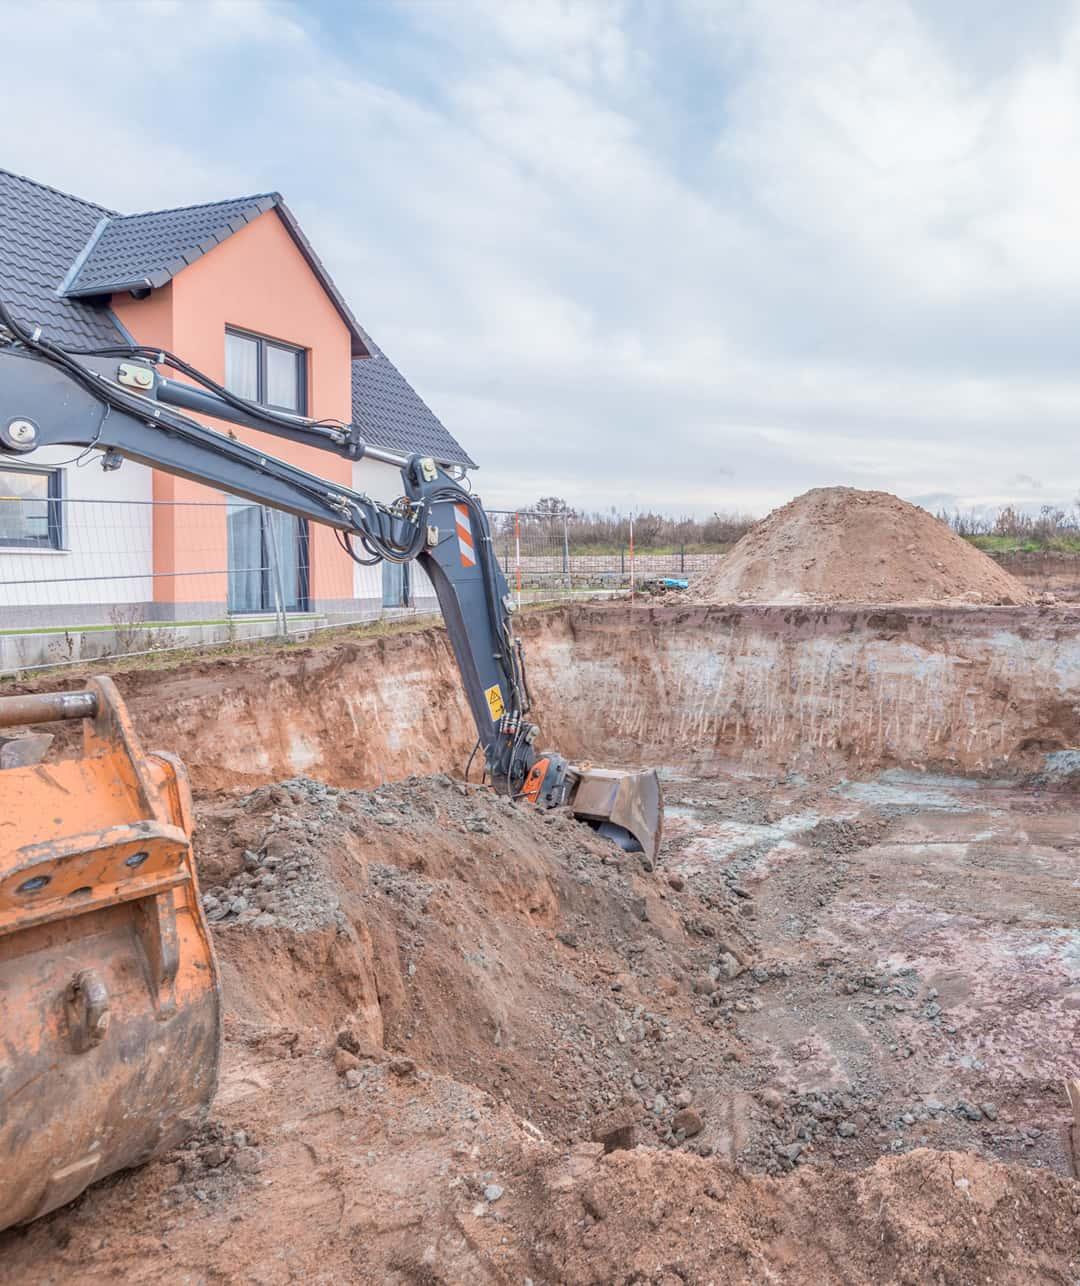 Fabulous Rohbau bauen – Rohbauhäuser und Baufirmen finden NW24